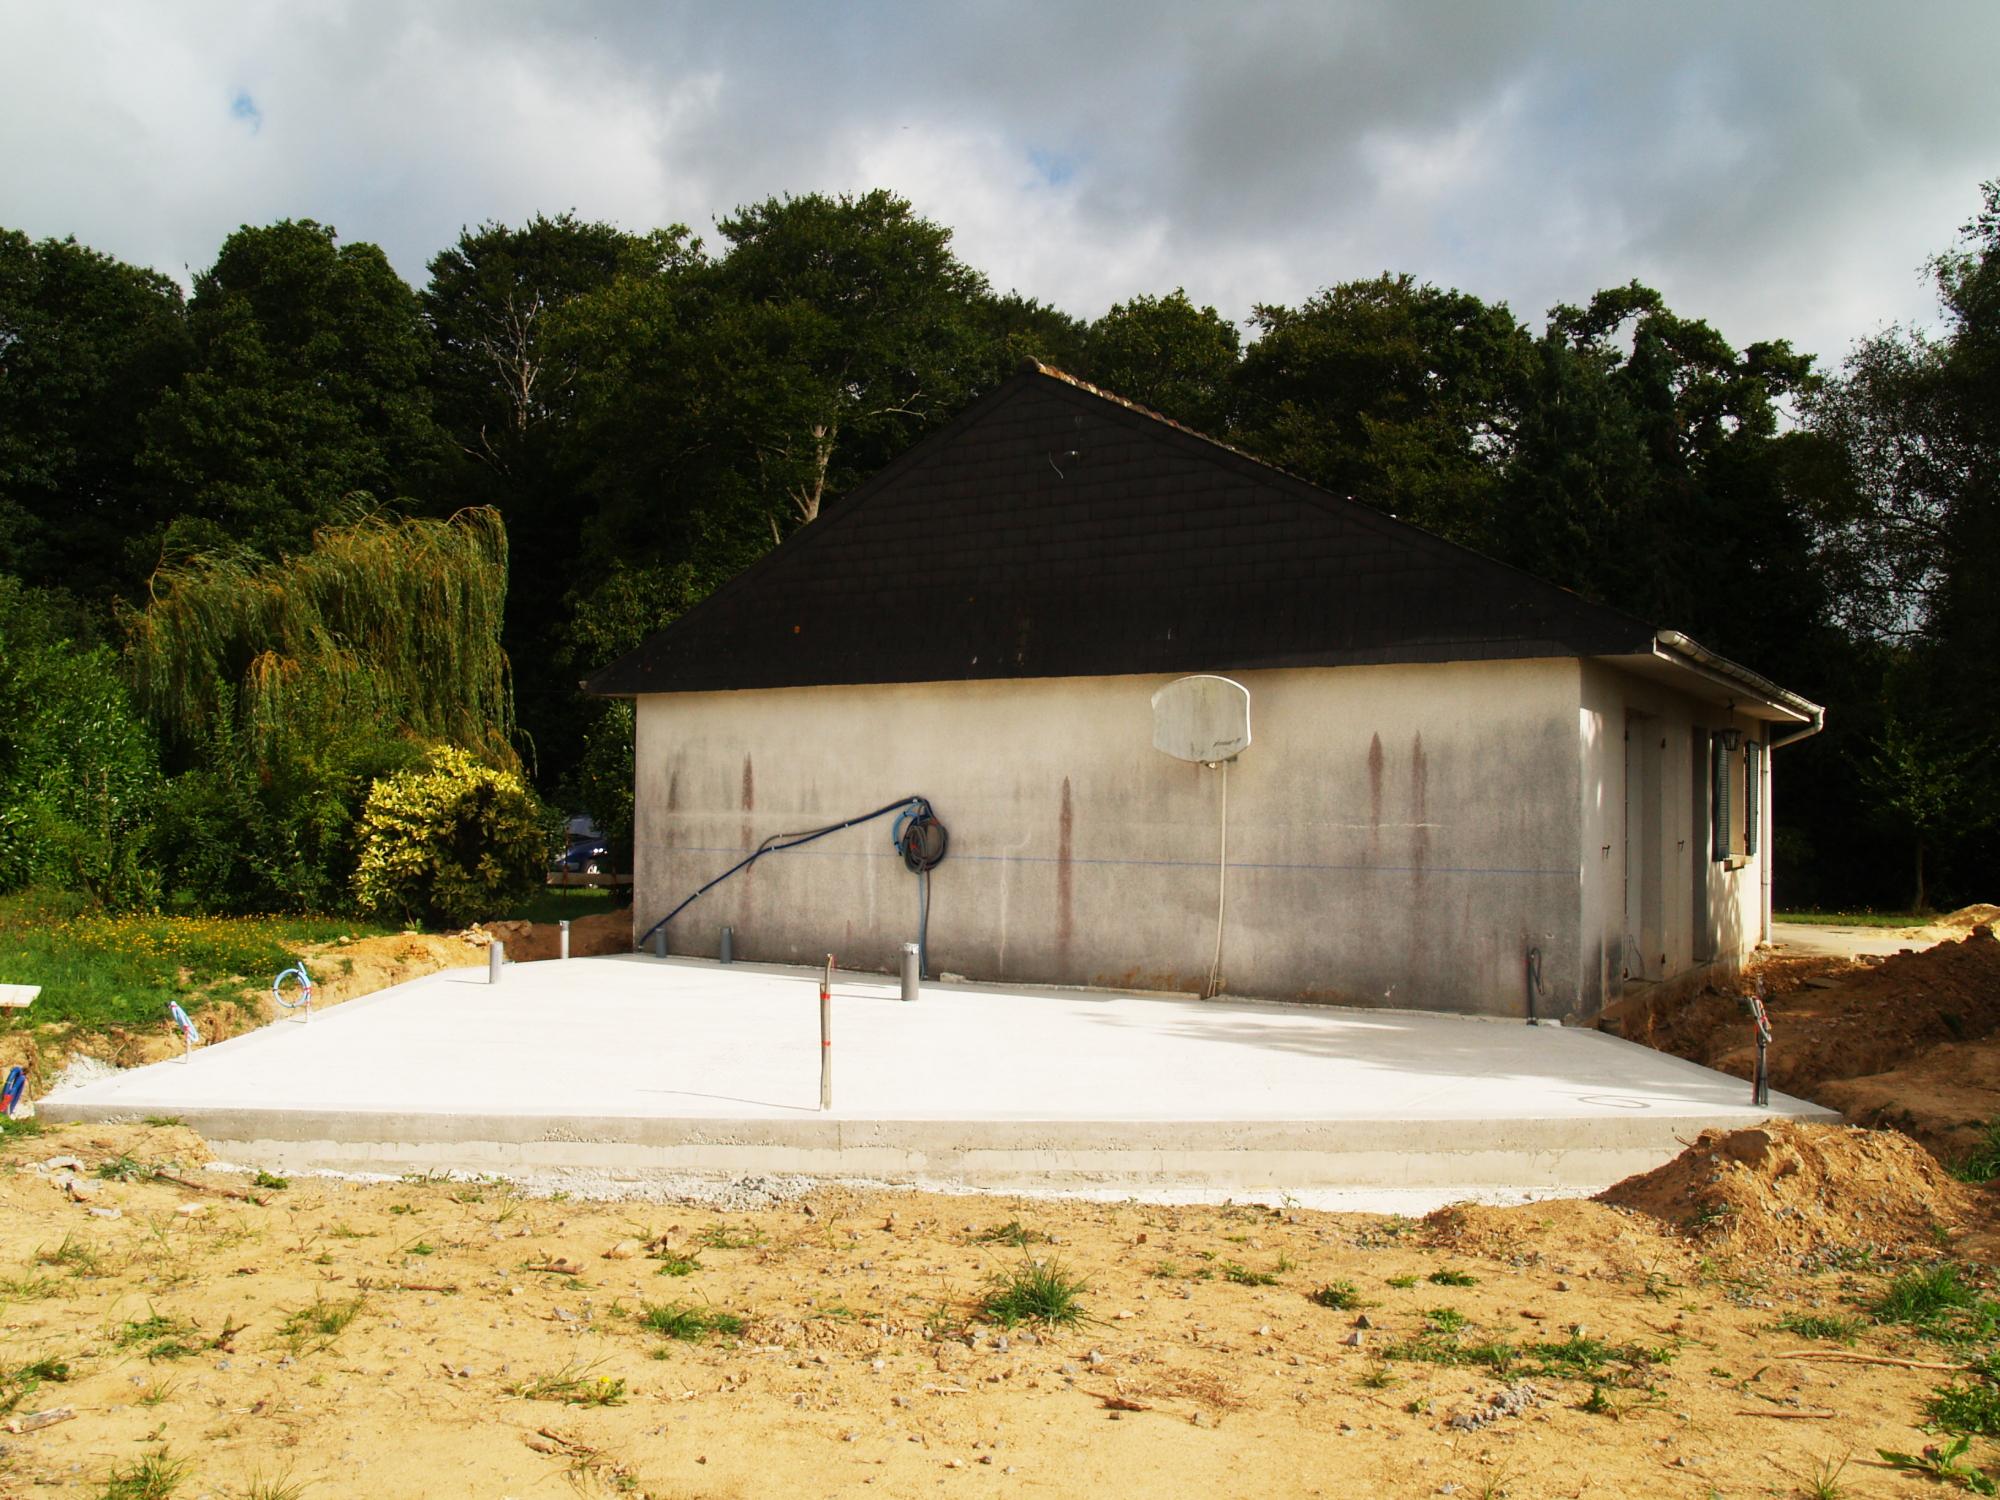 Extension et renovation thermique - chantier -